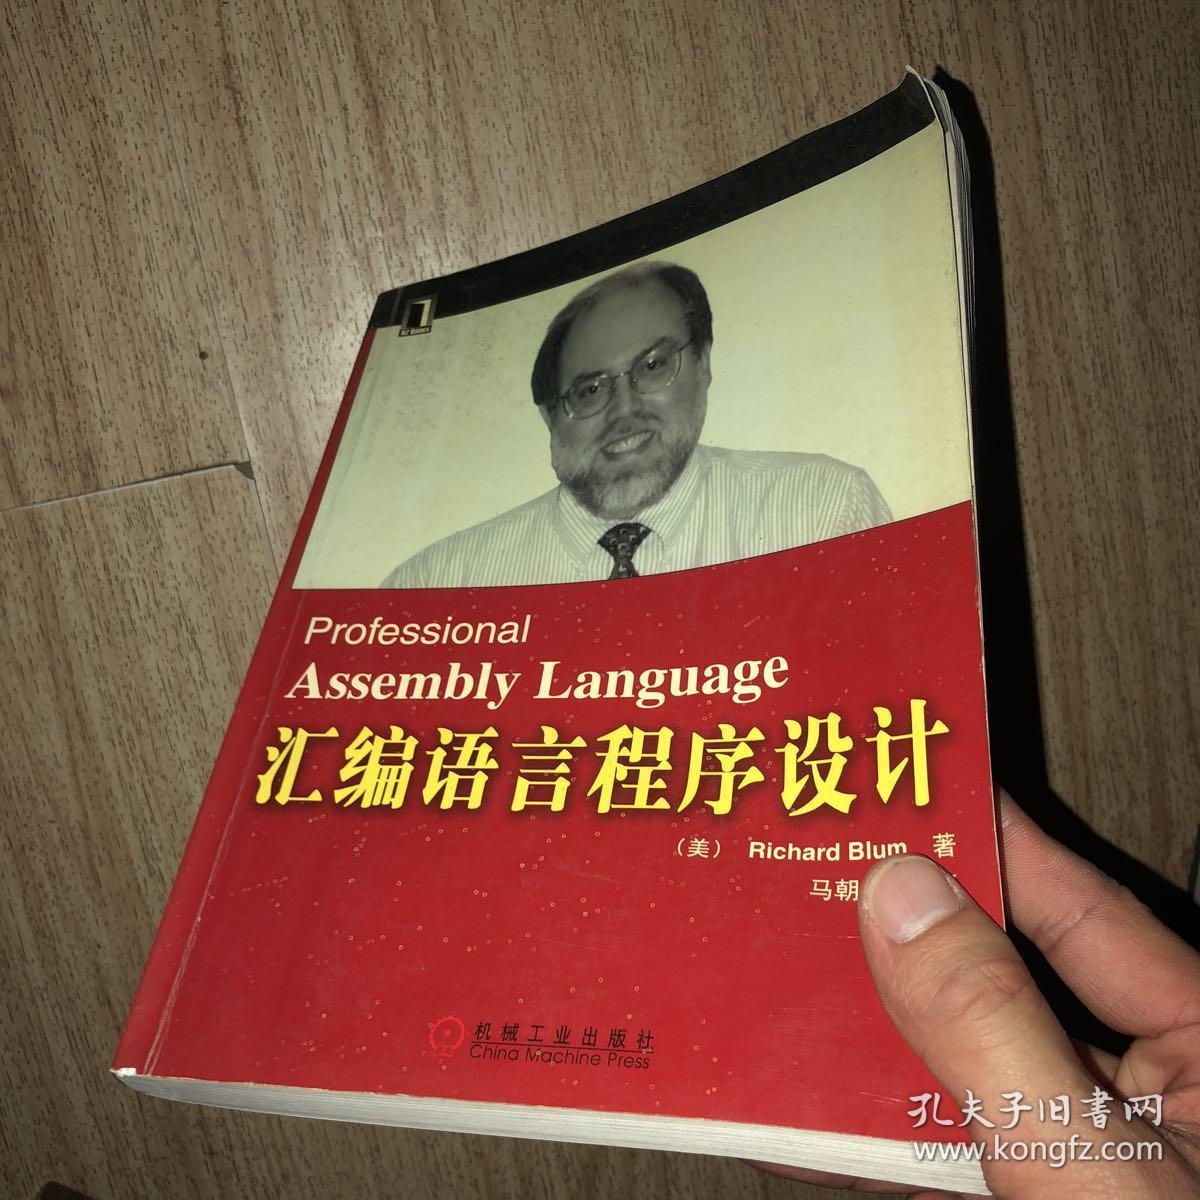 汇编语言程序设计_(美)Richard Blum著_孔夫子旧书网